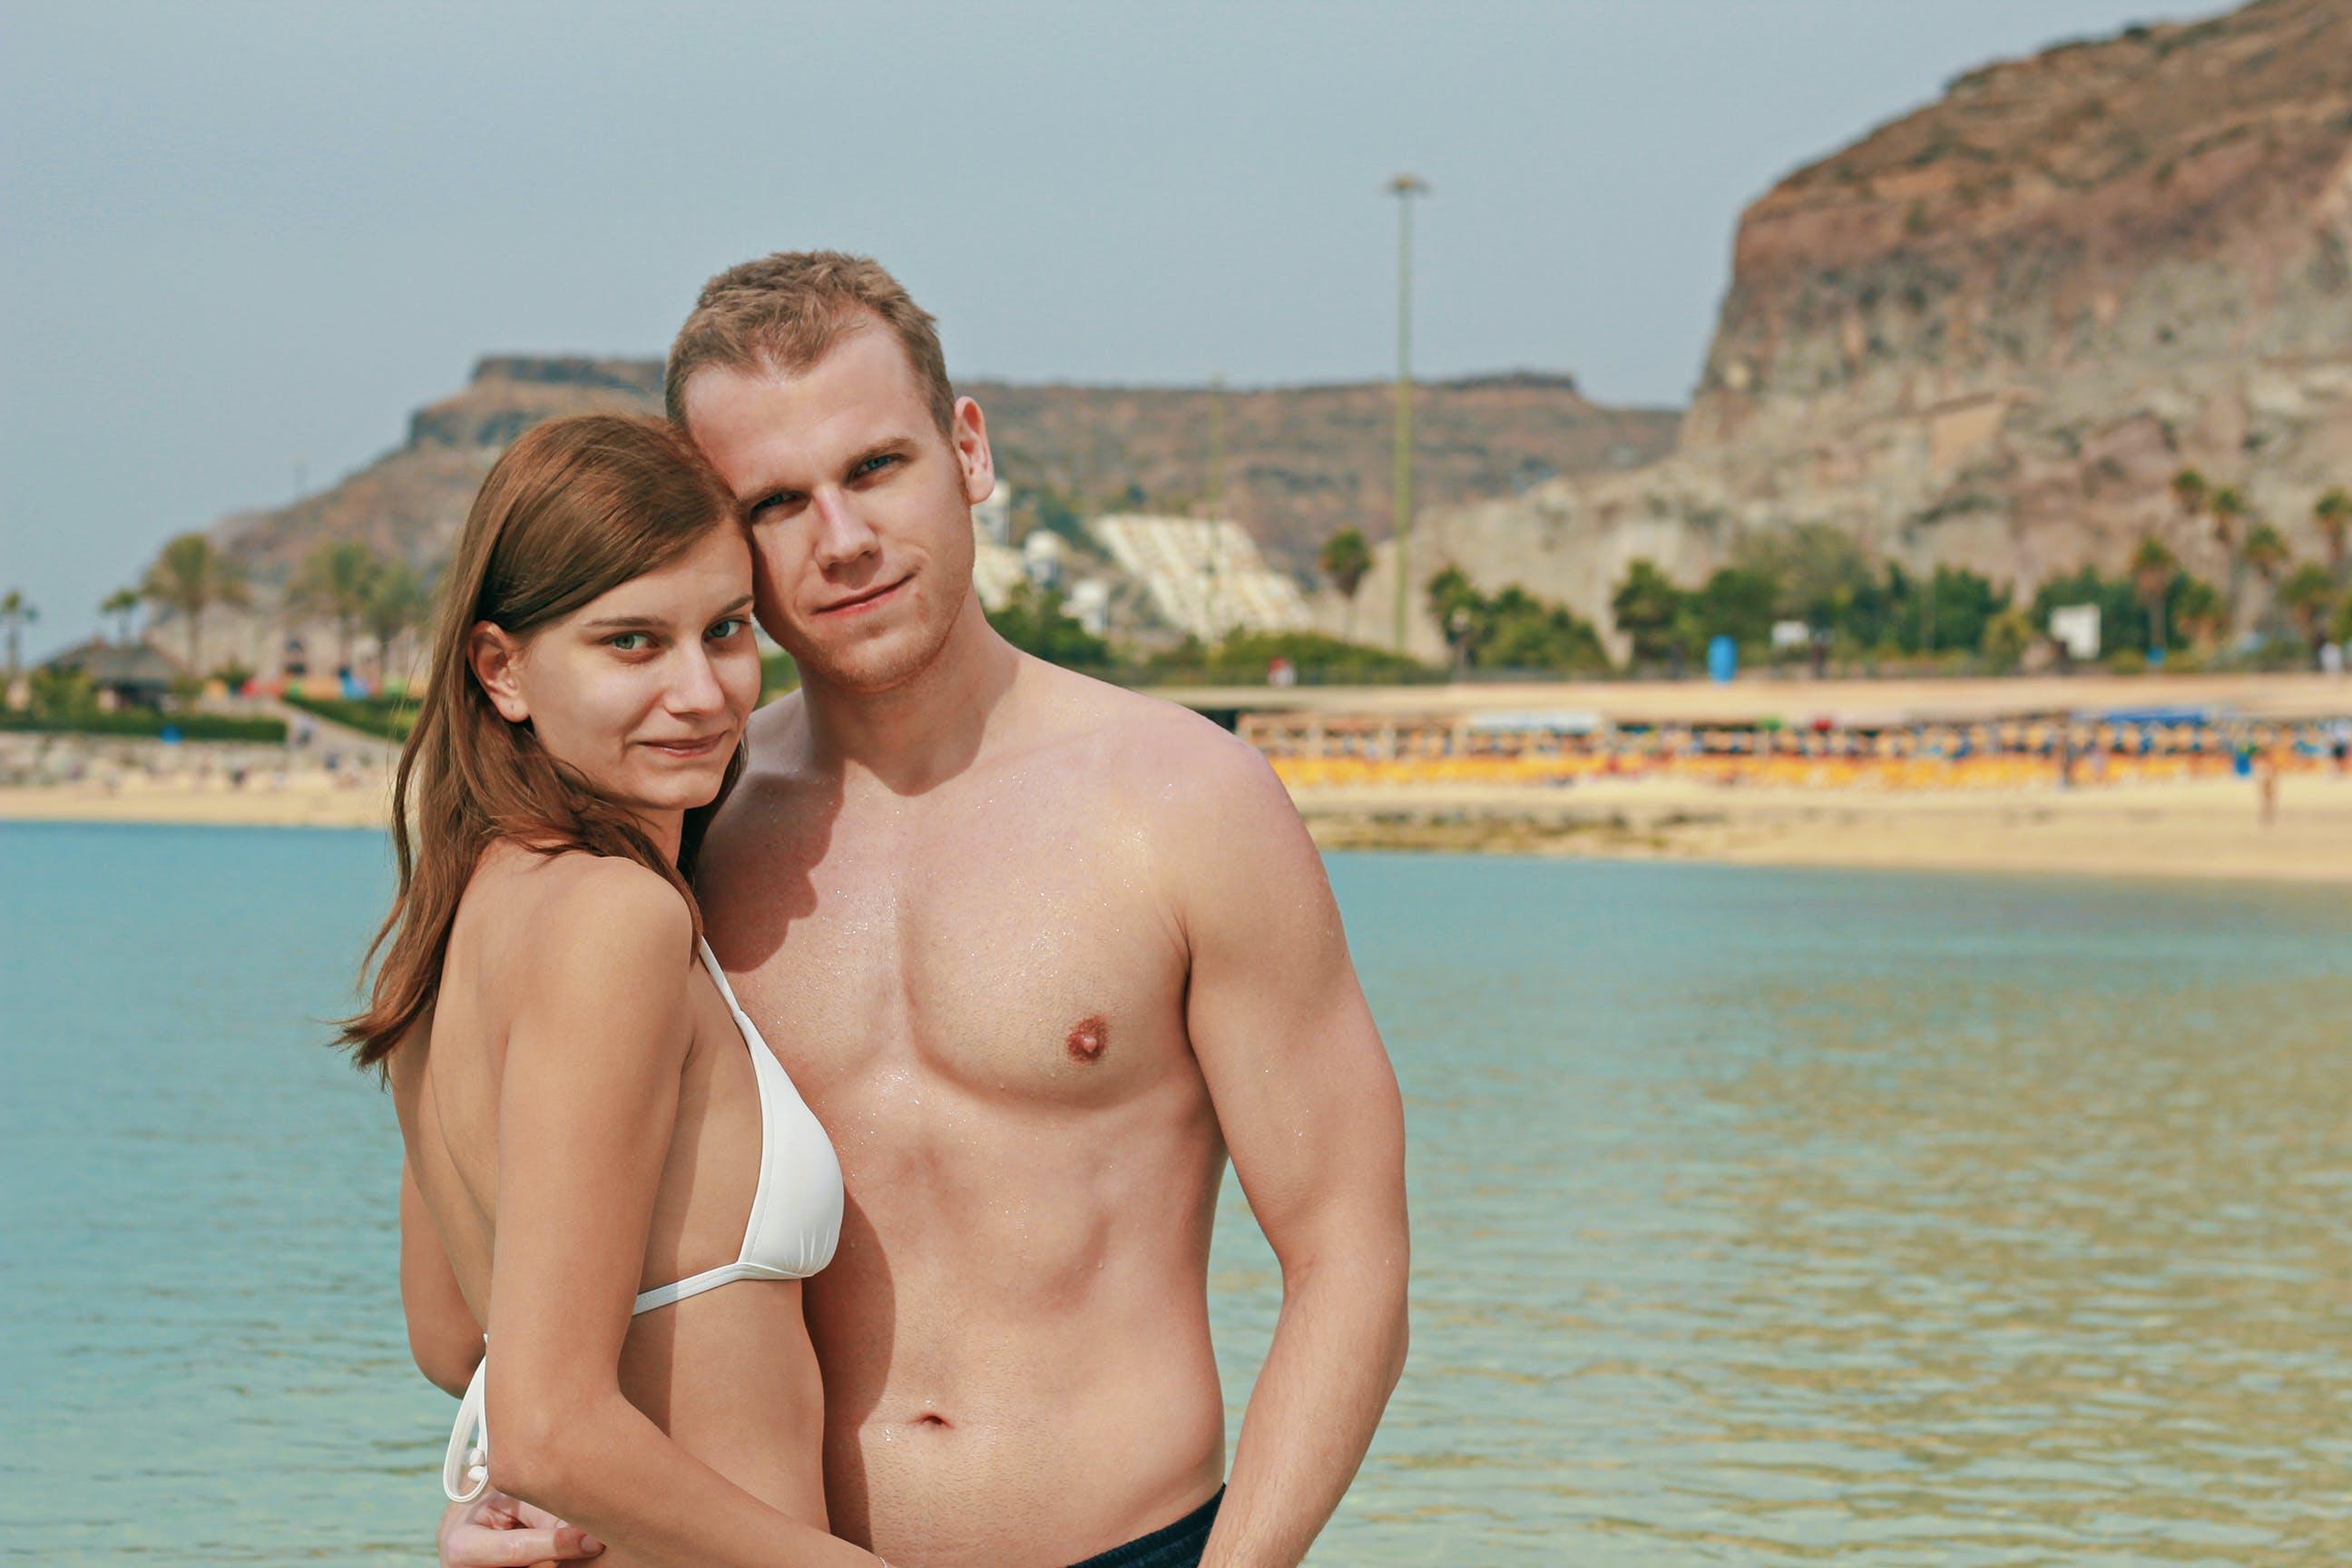 비키니, 사랑, 섹시한, 여름의 무료 스톡 사진